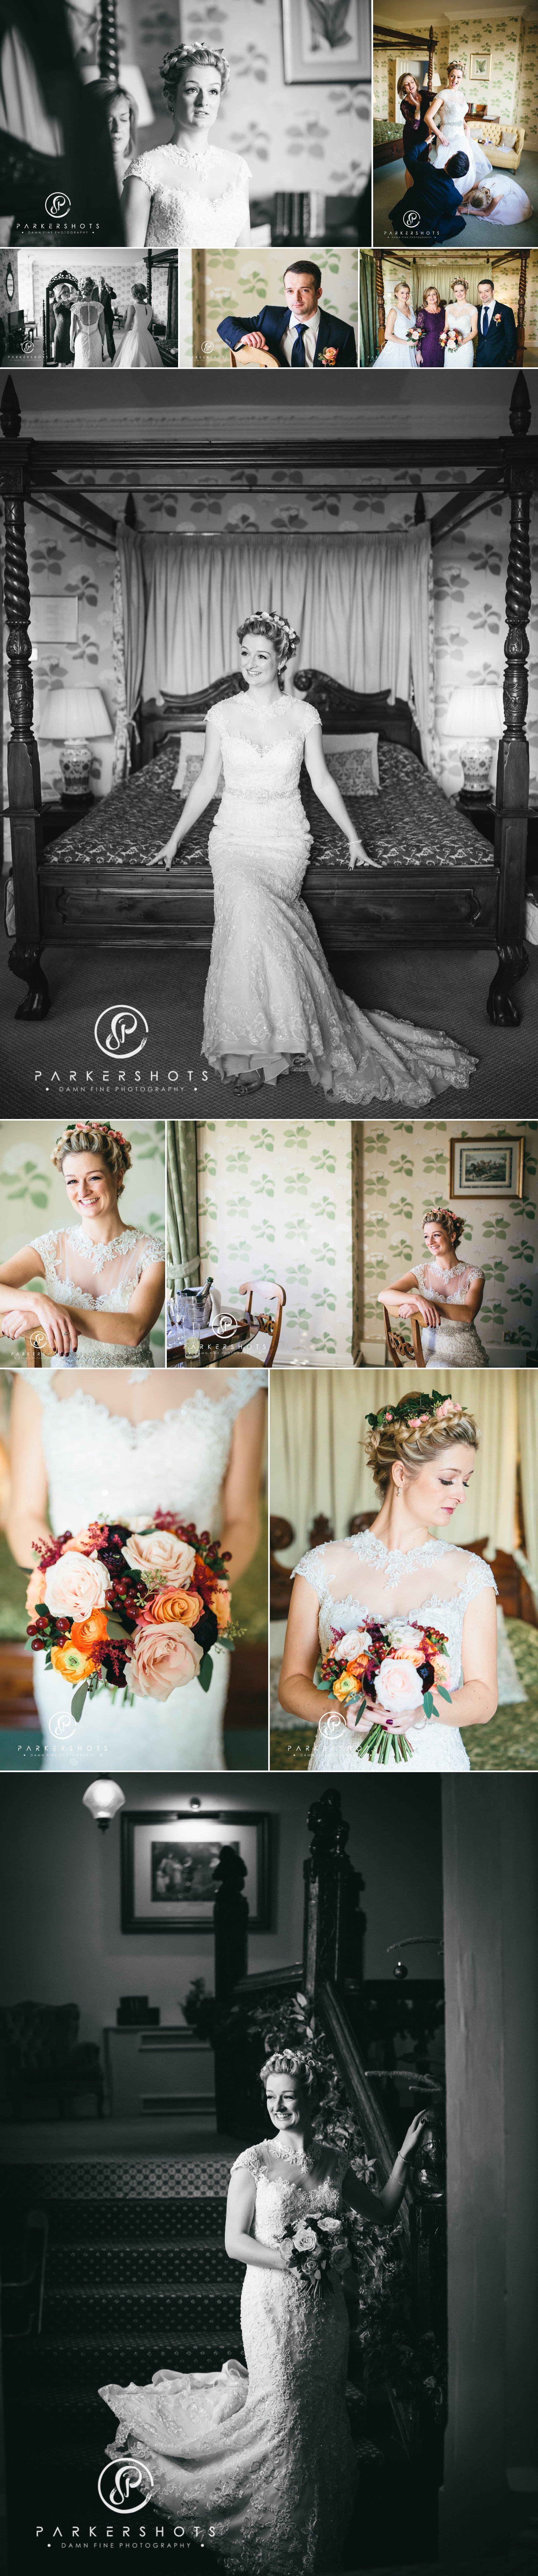 Eastwell Manor Wedding Photographer-5